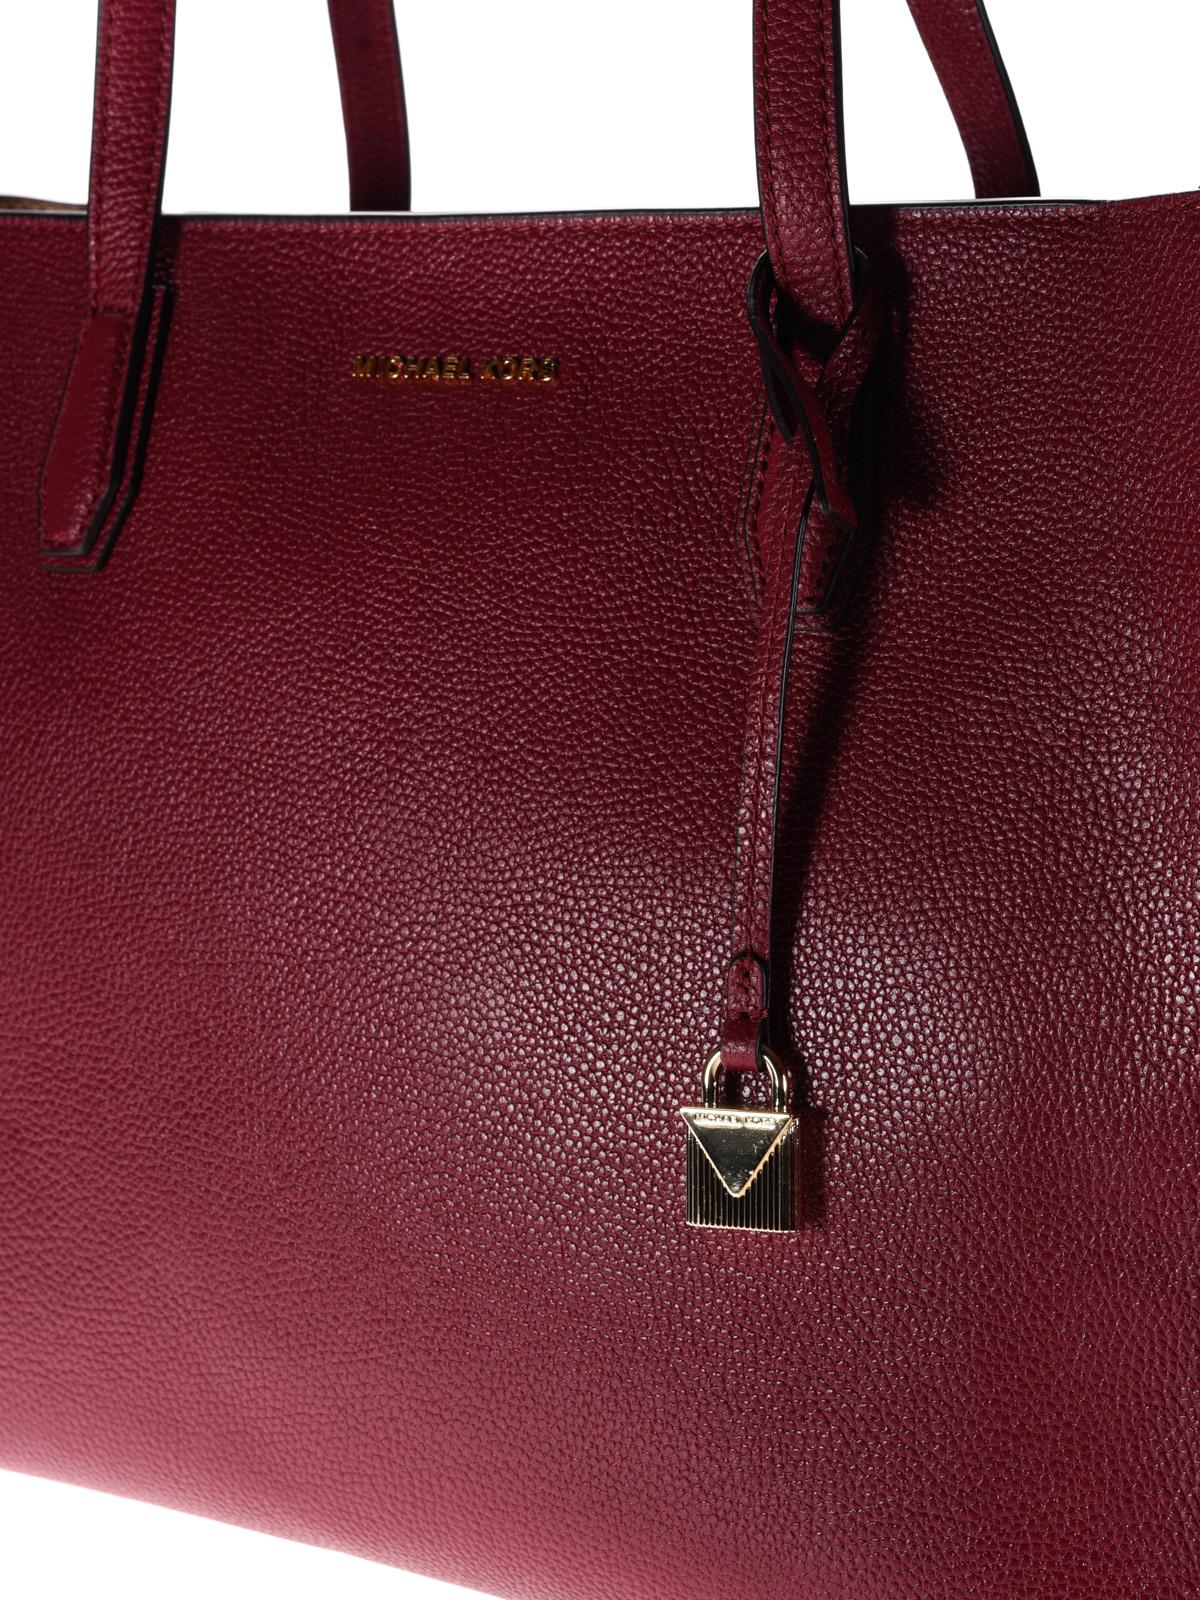 69f635c171266c Michael Kors - Mercer top zip large red tote - totes bags ...